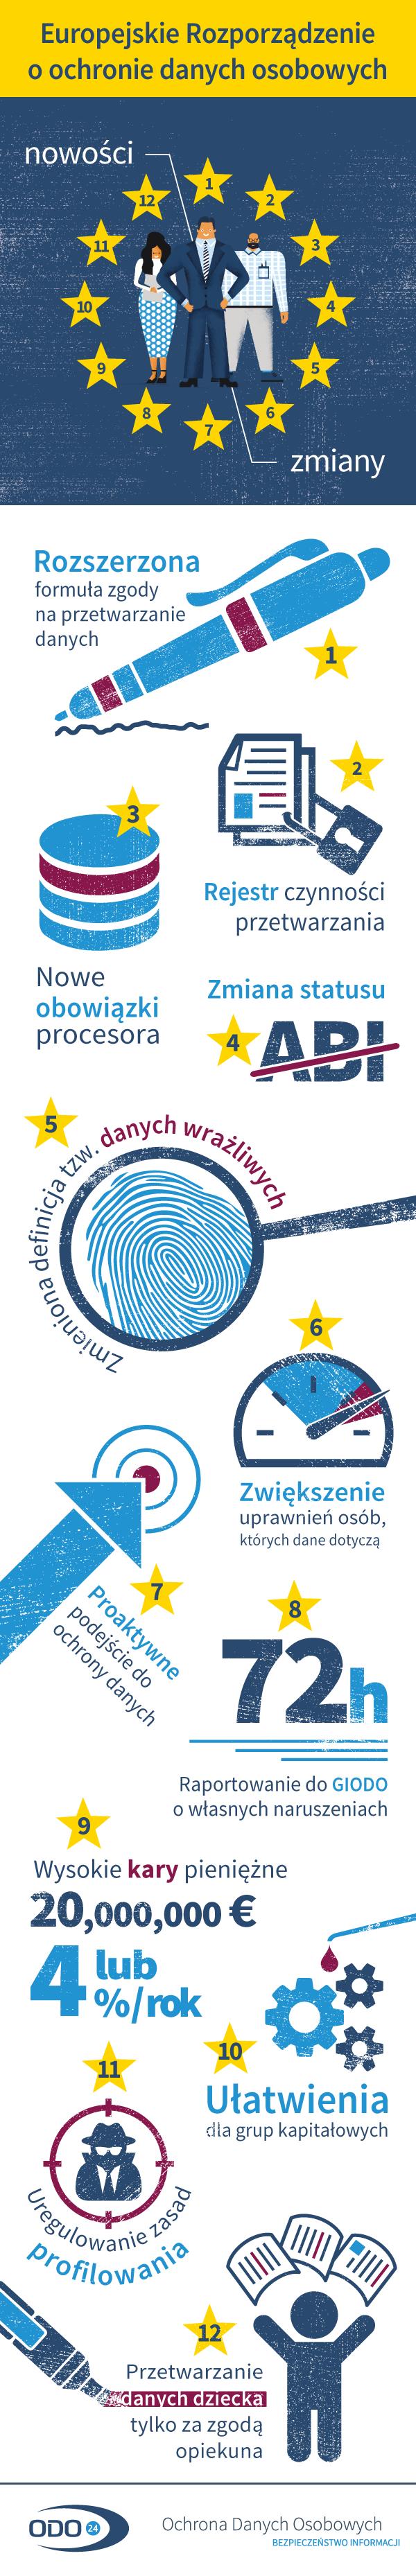 Infografika RODO - ODO 24